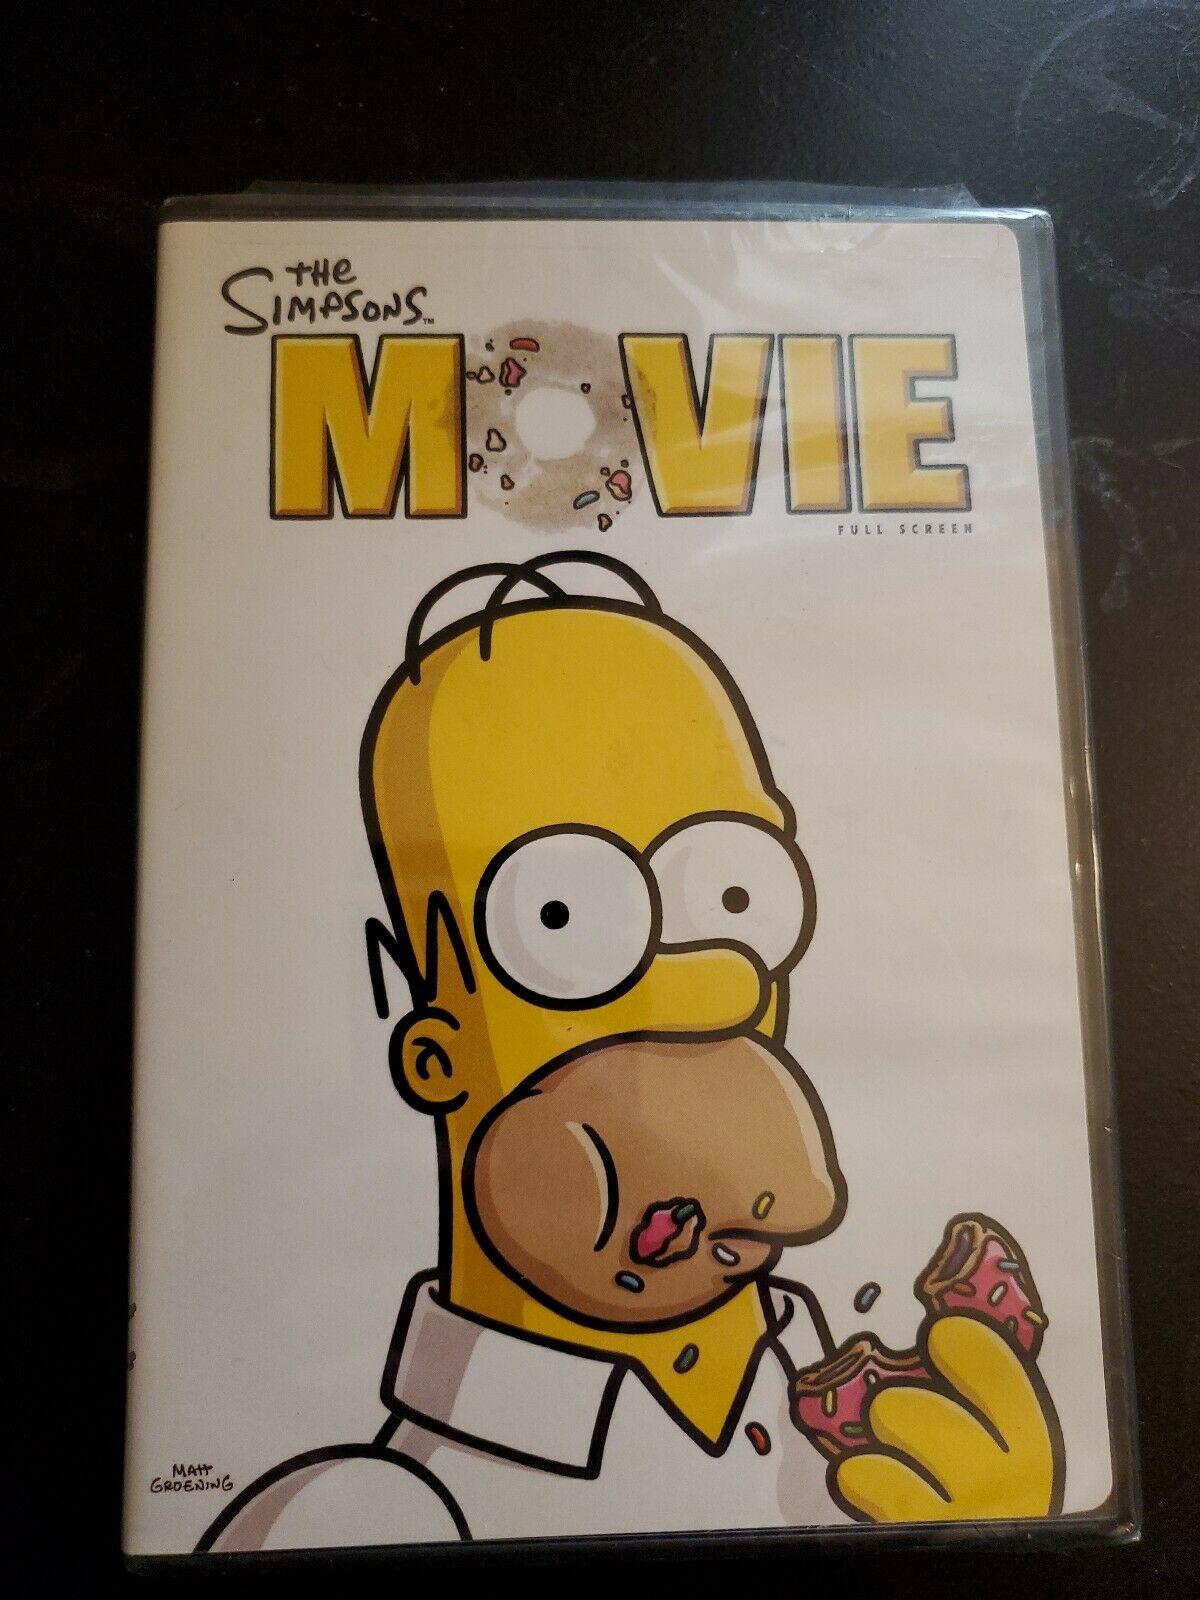 The Simpsons Movie (2007 DVD)